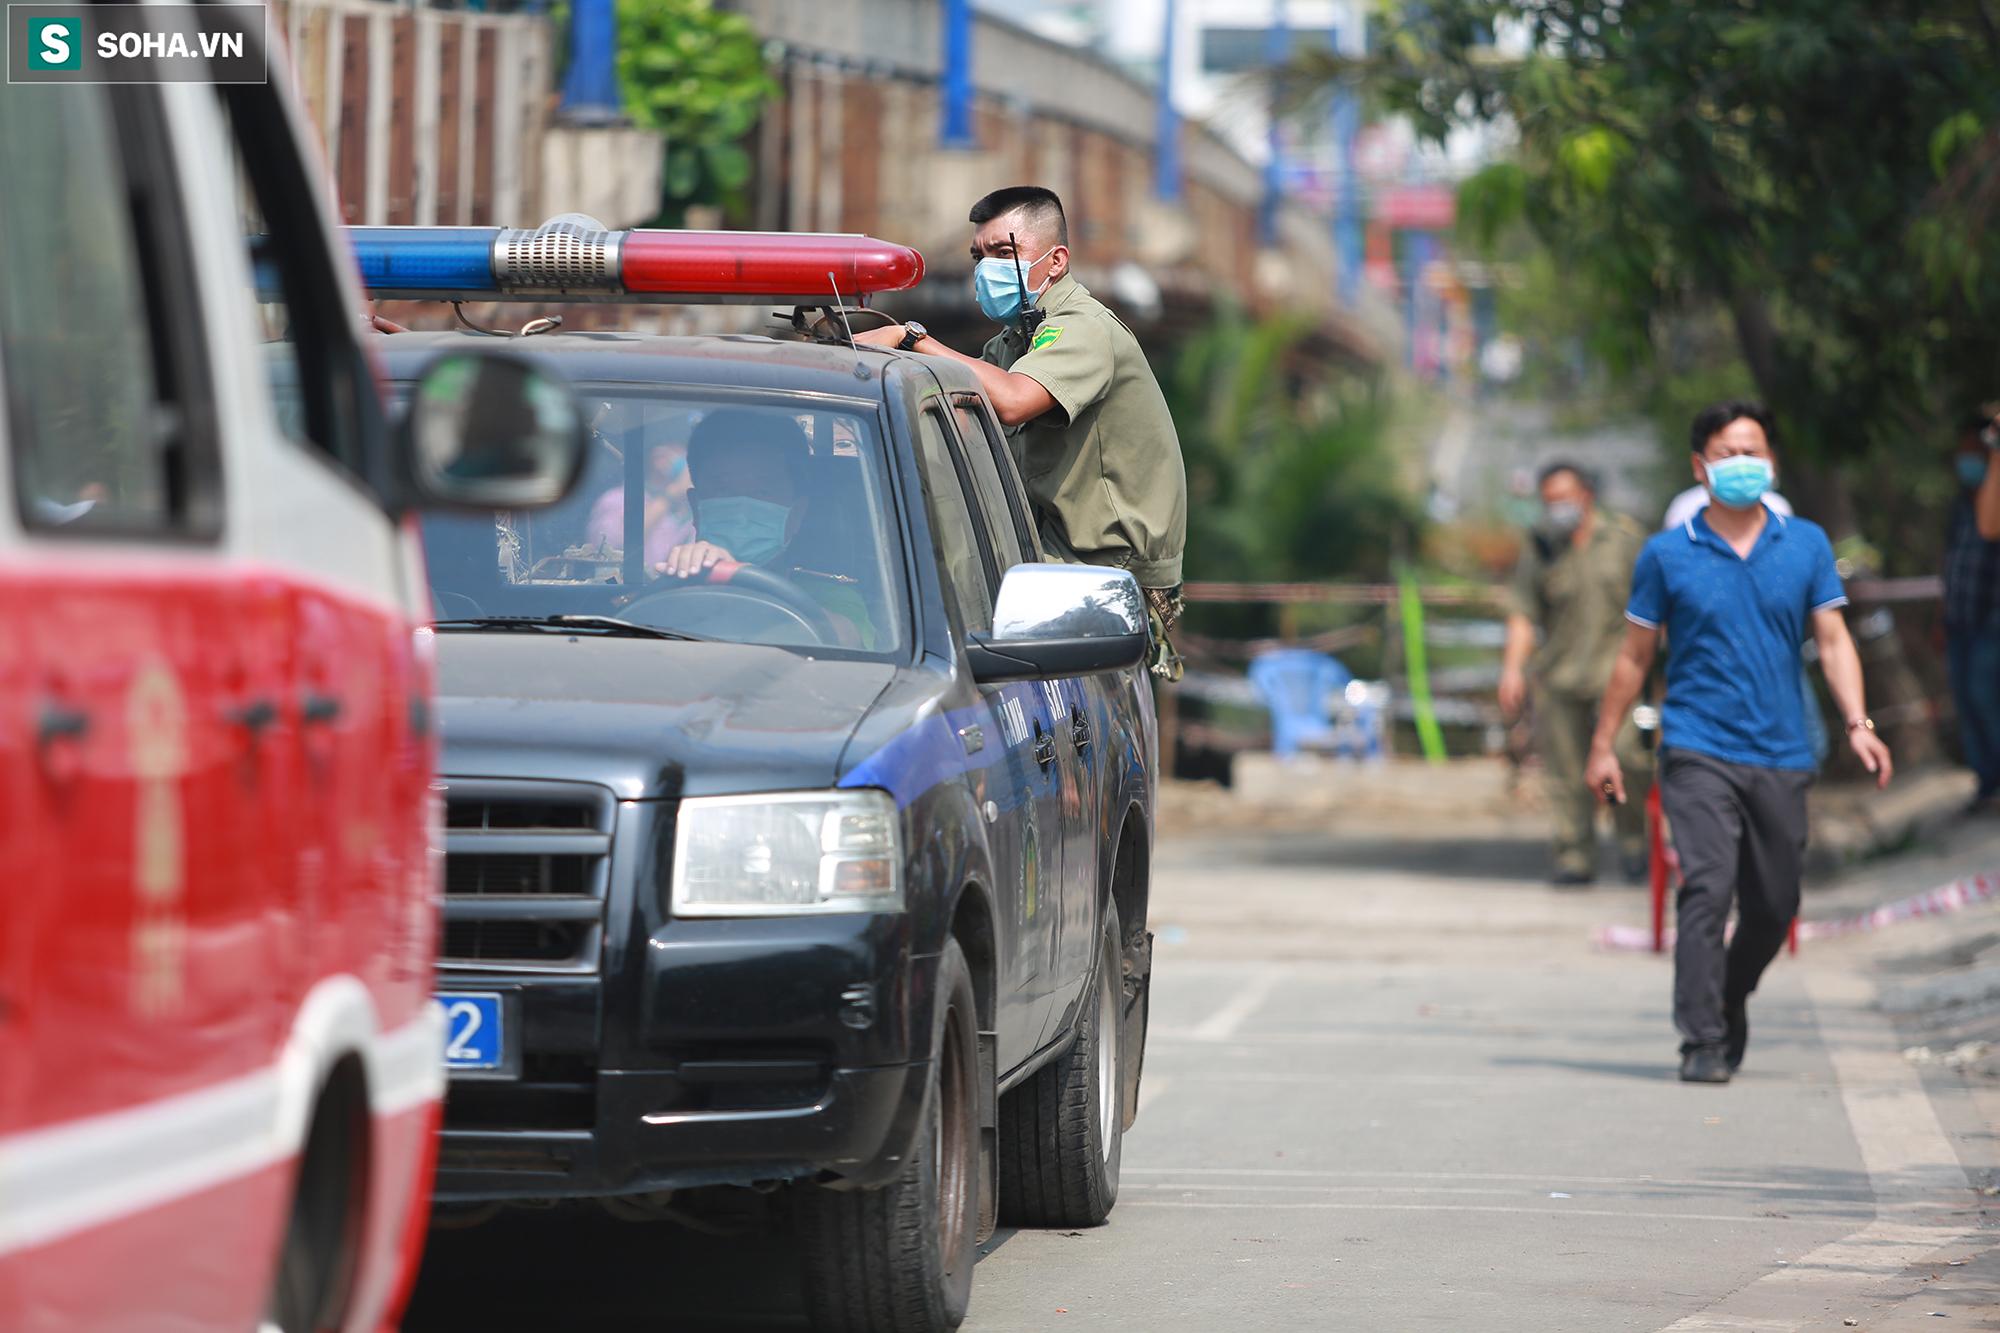 Xót xa hình ảnh còn lại sau đám cháy khiến 6 người trong một gia đình tử vong ở TP.Thủ Đức - Ảnh 9.